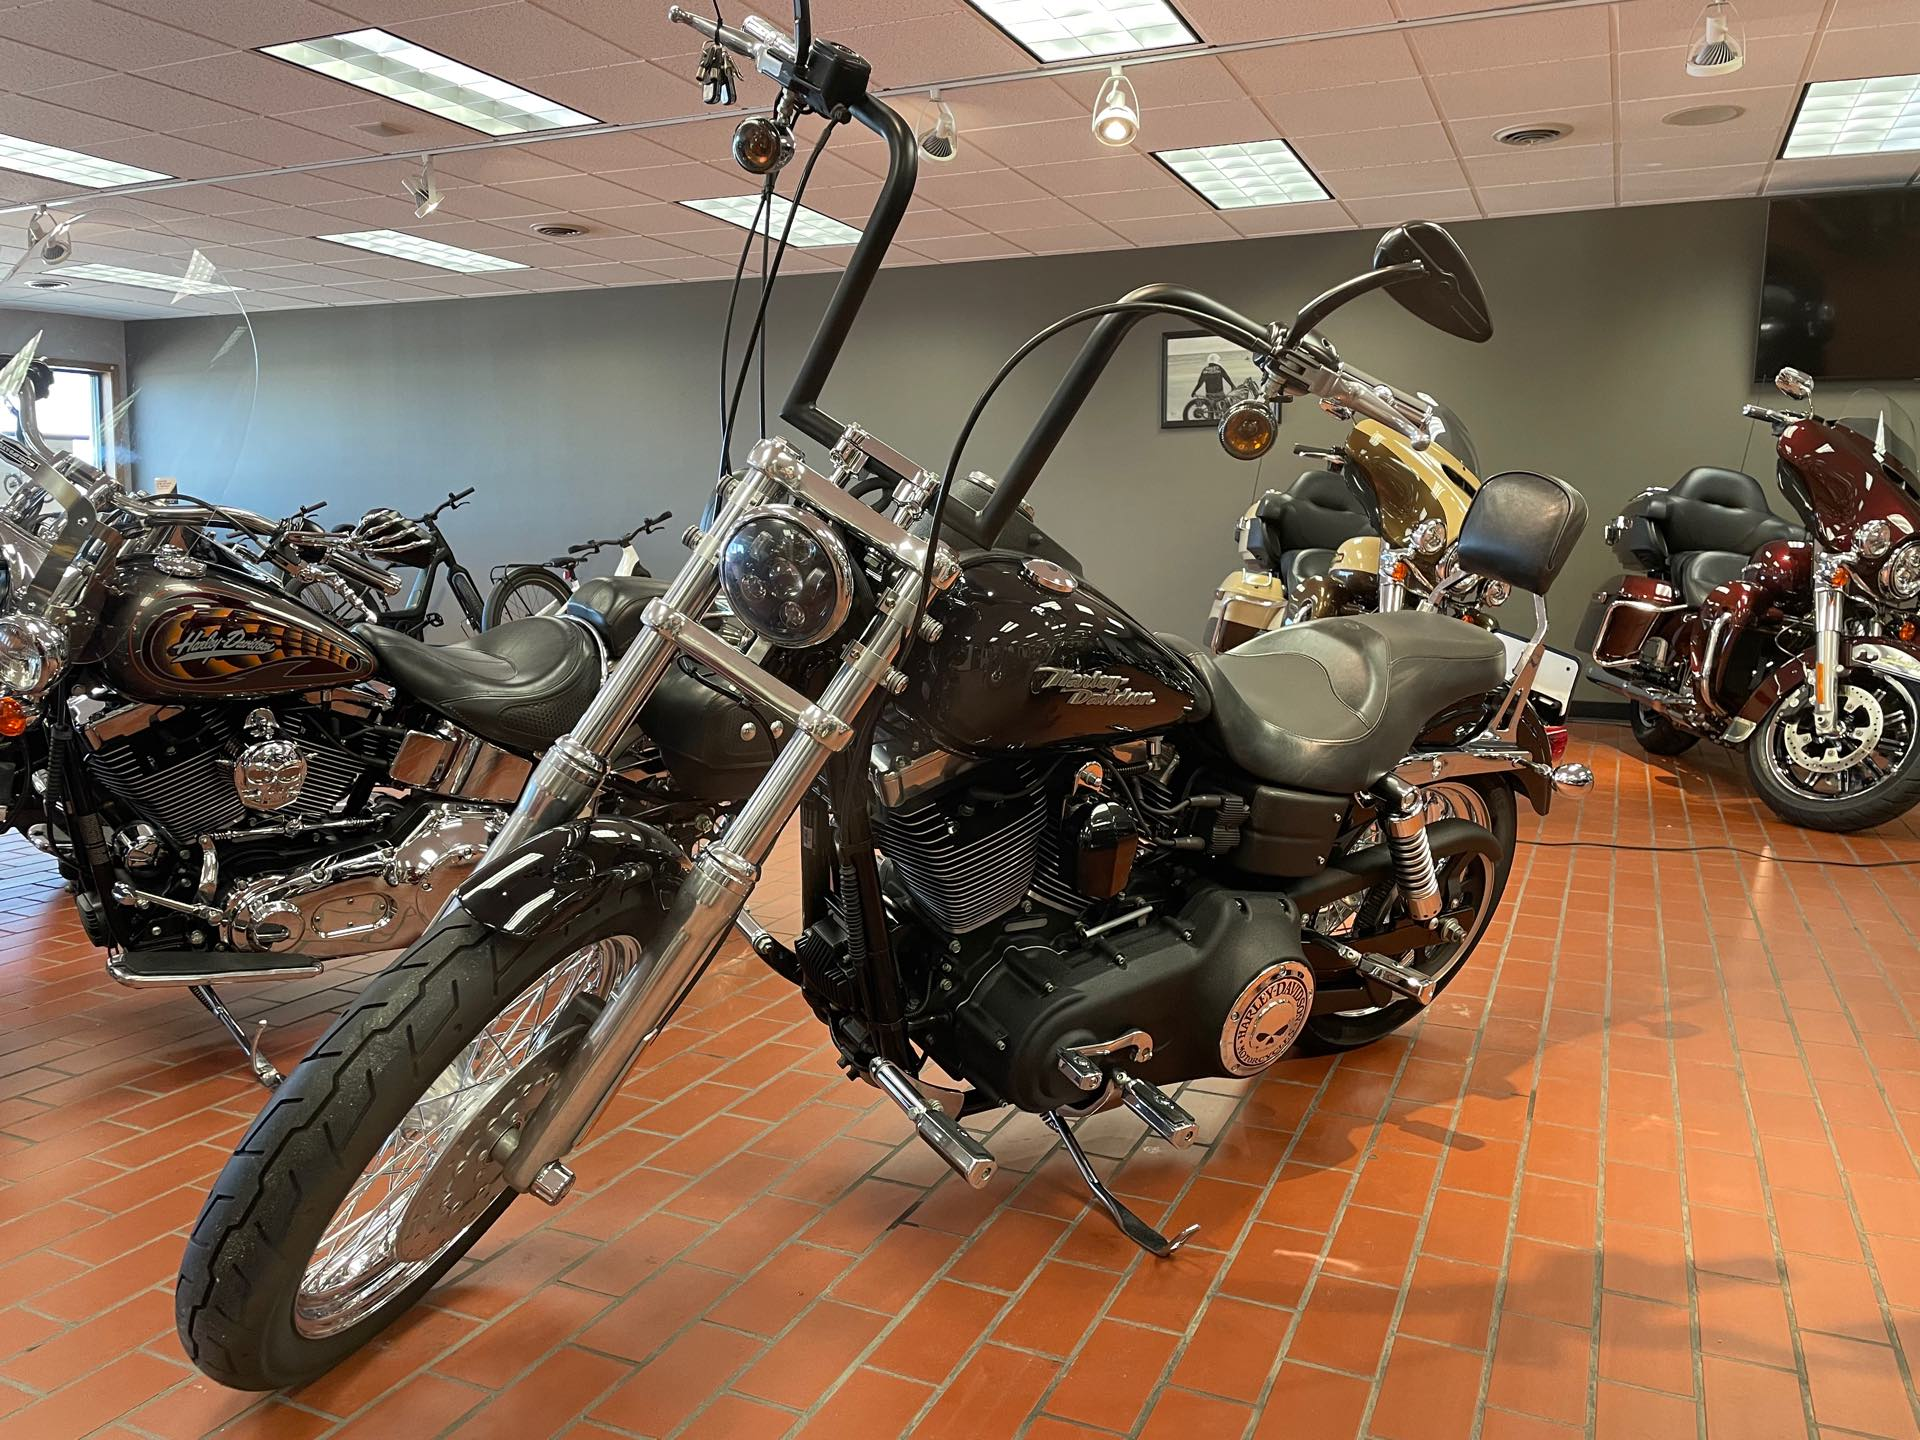 2006 Harley-Davidson Dyna Glide Street Bob at Rooster's Harley Davidson